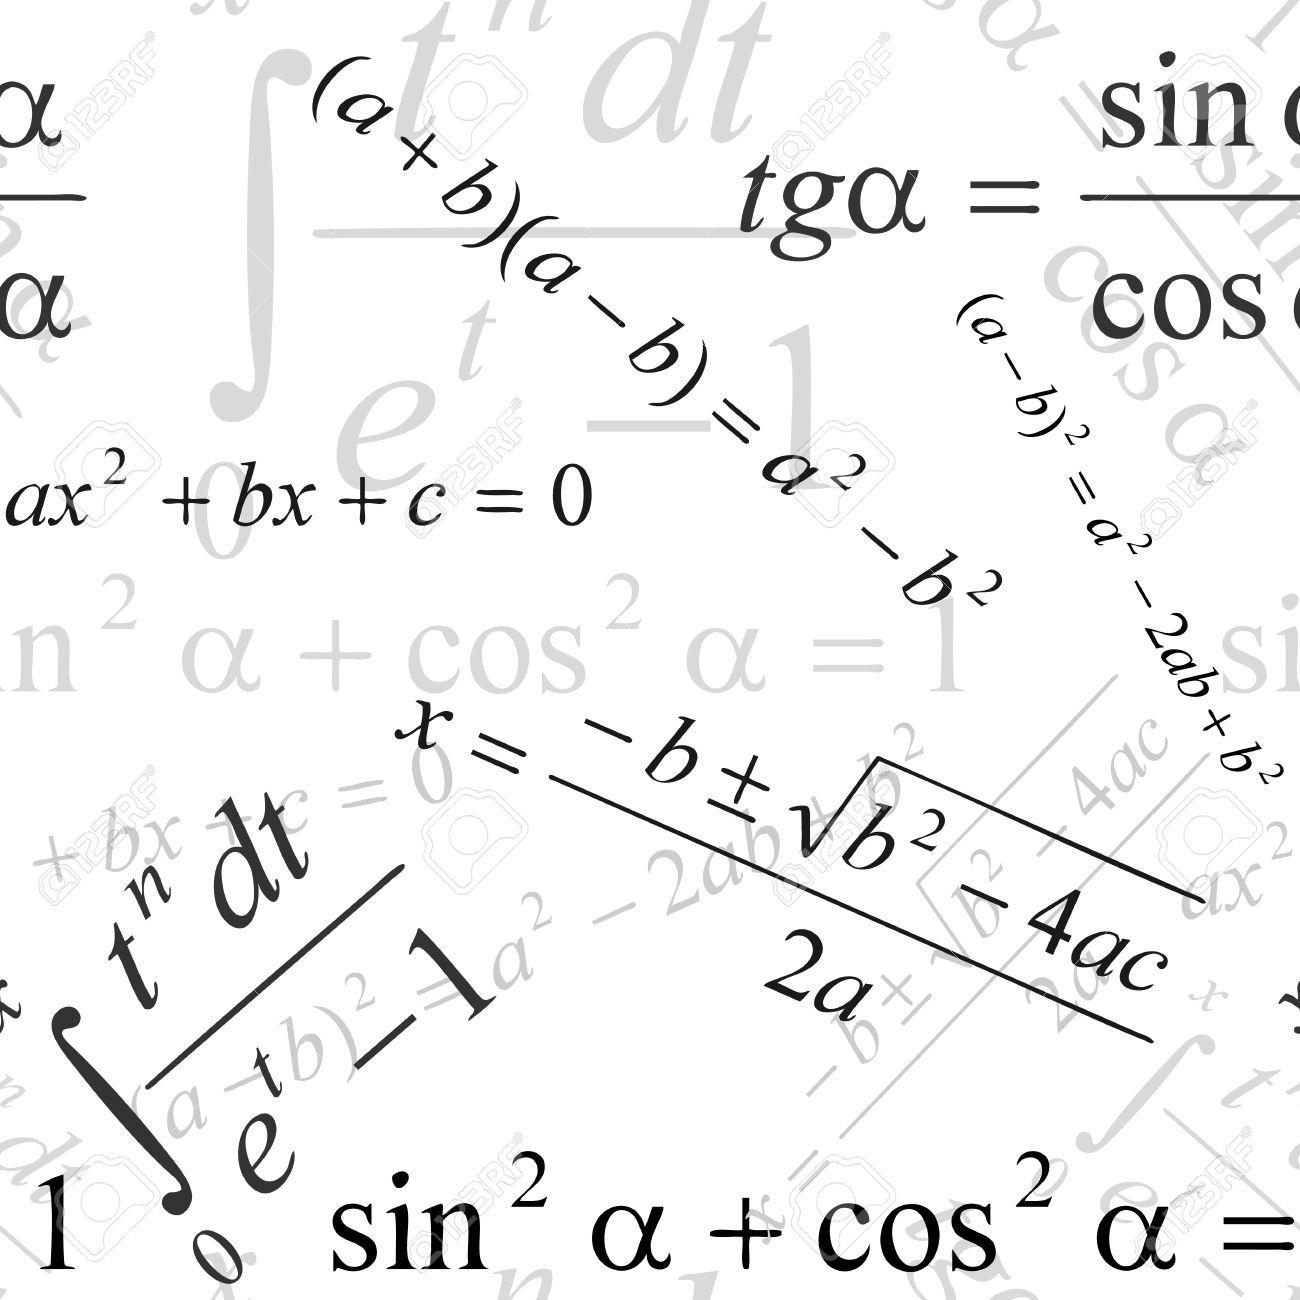 数式 壁紙 フリー素材 Google 検索 数式 フリー素材 検索